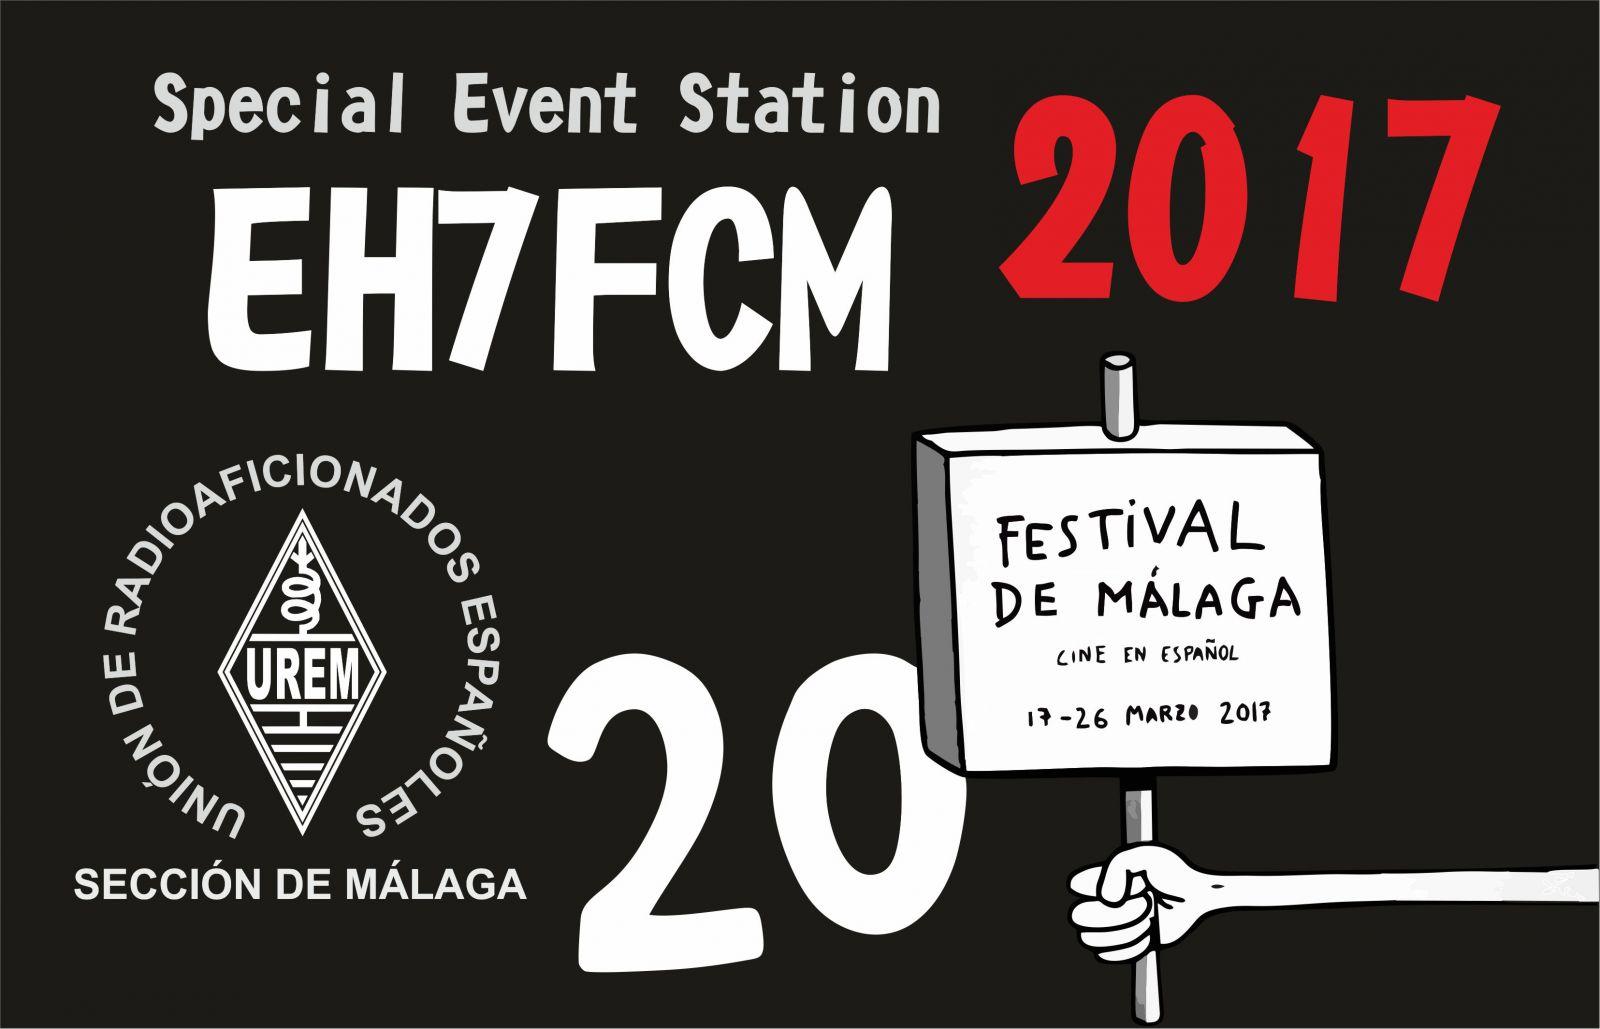 EH7FCM